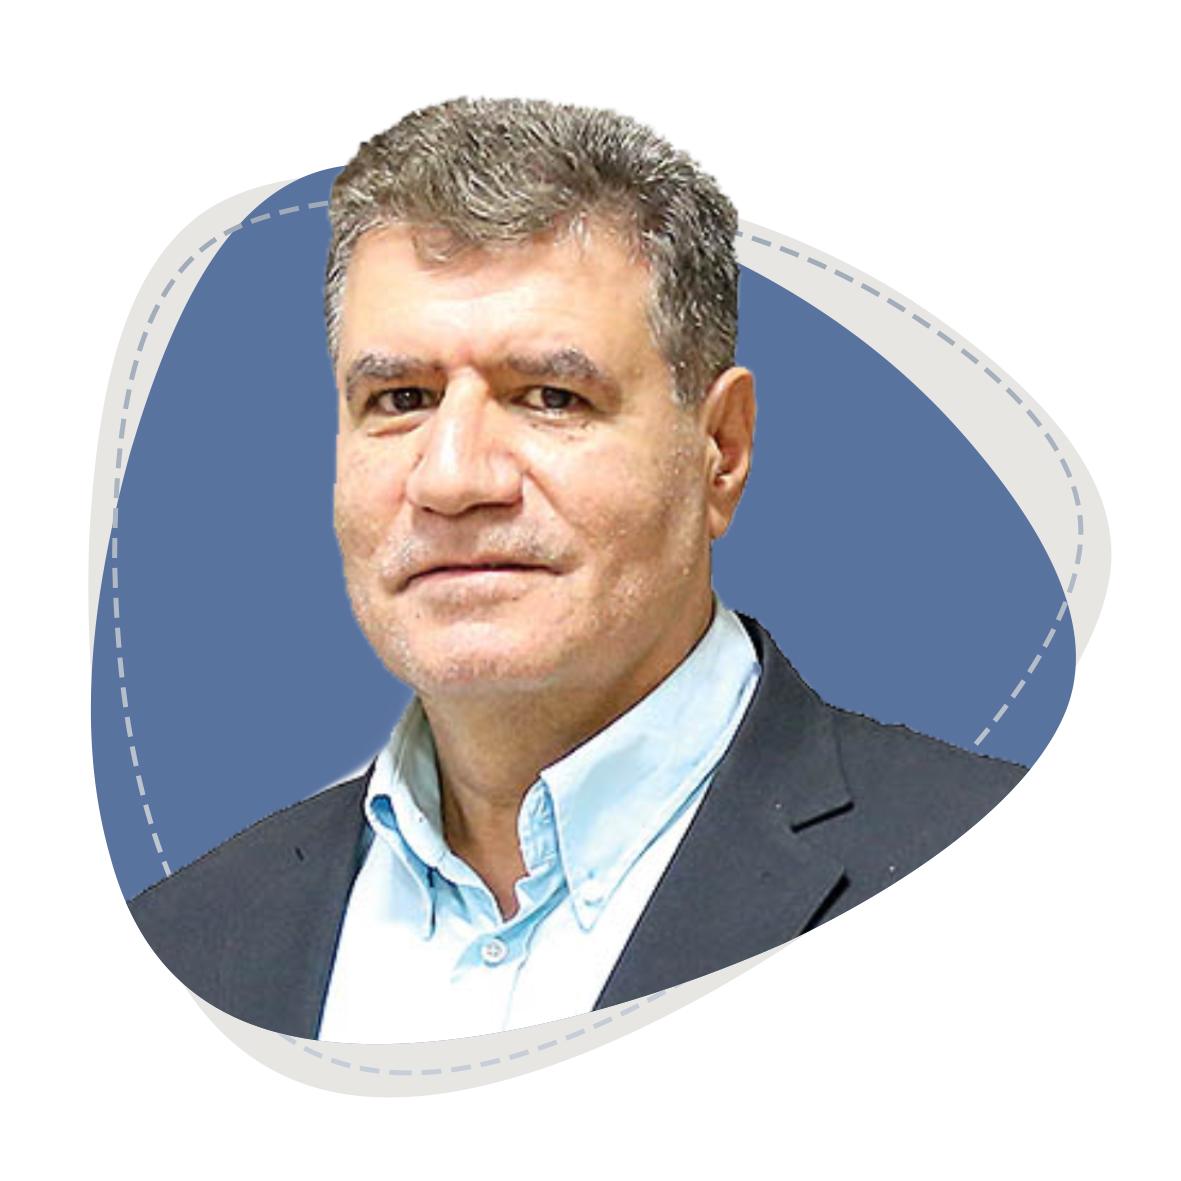 مهندس علی نقیب - دکتر حسام زند حسامی - هفته جهانی کارآفرینی ایران